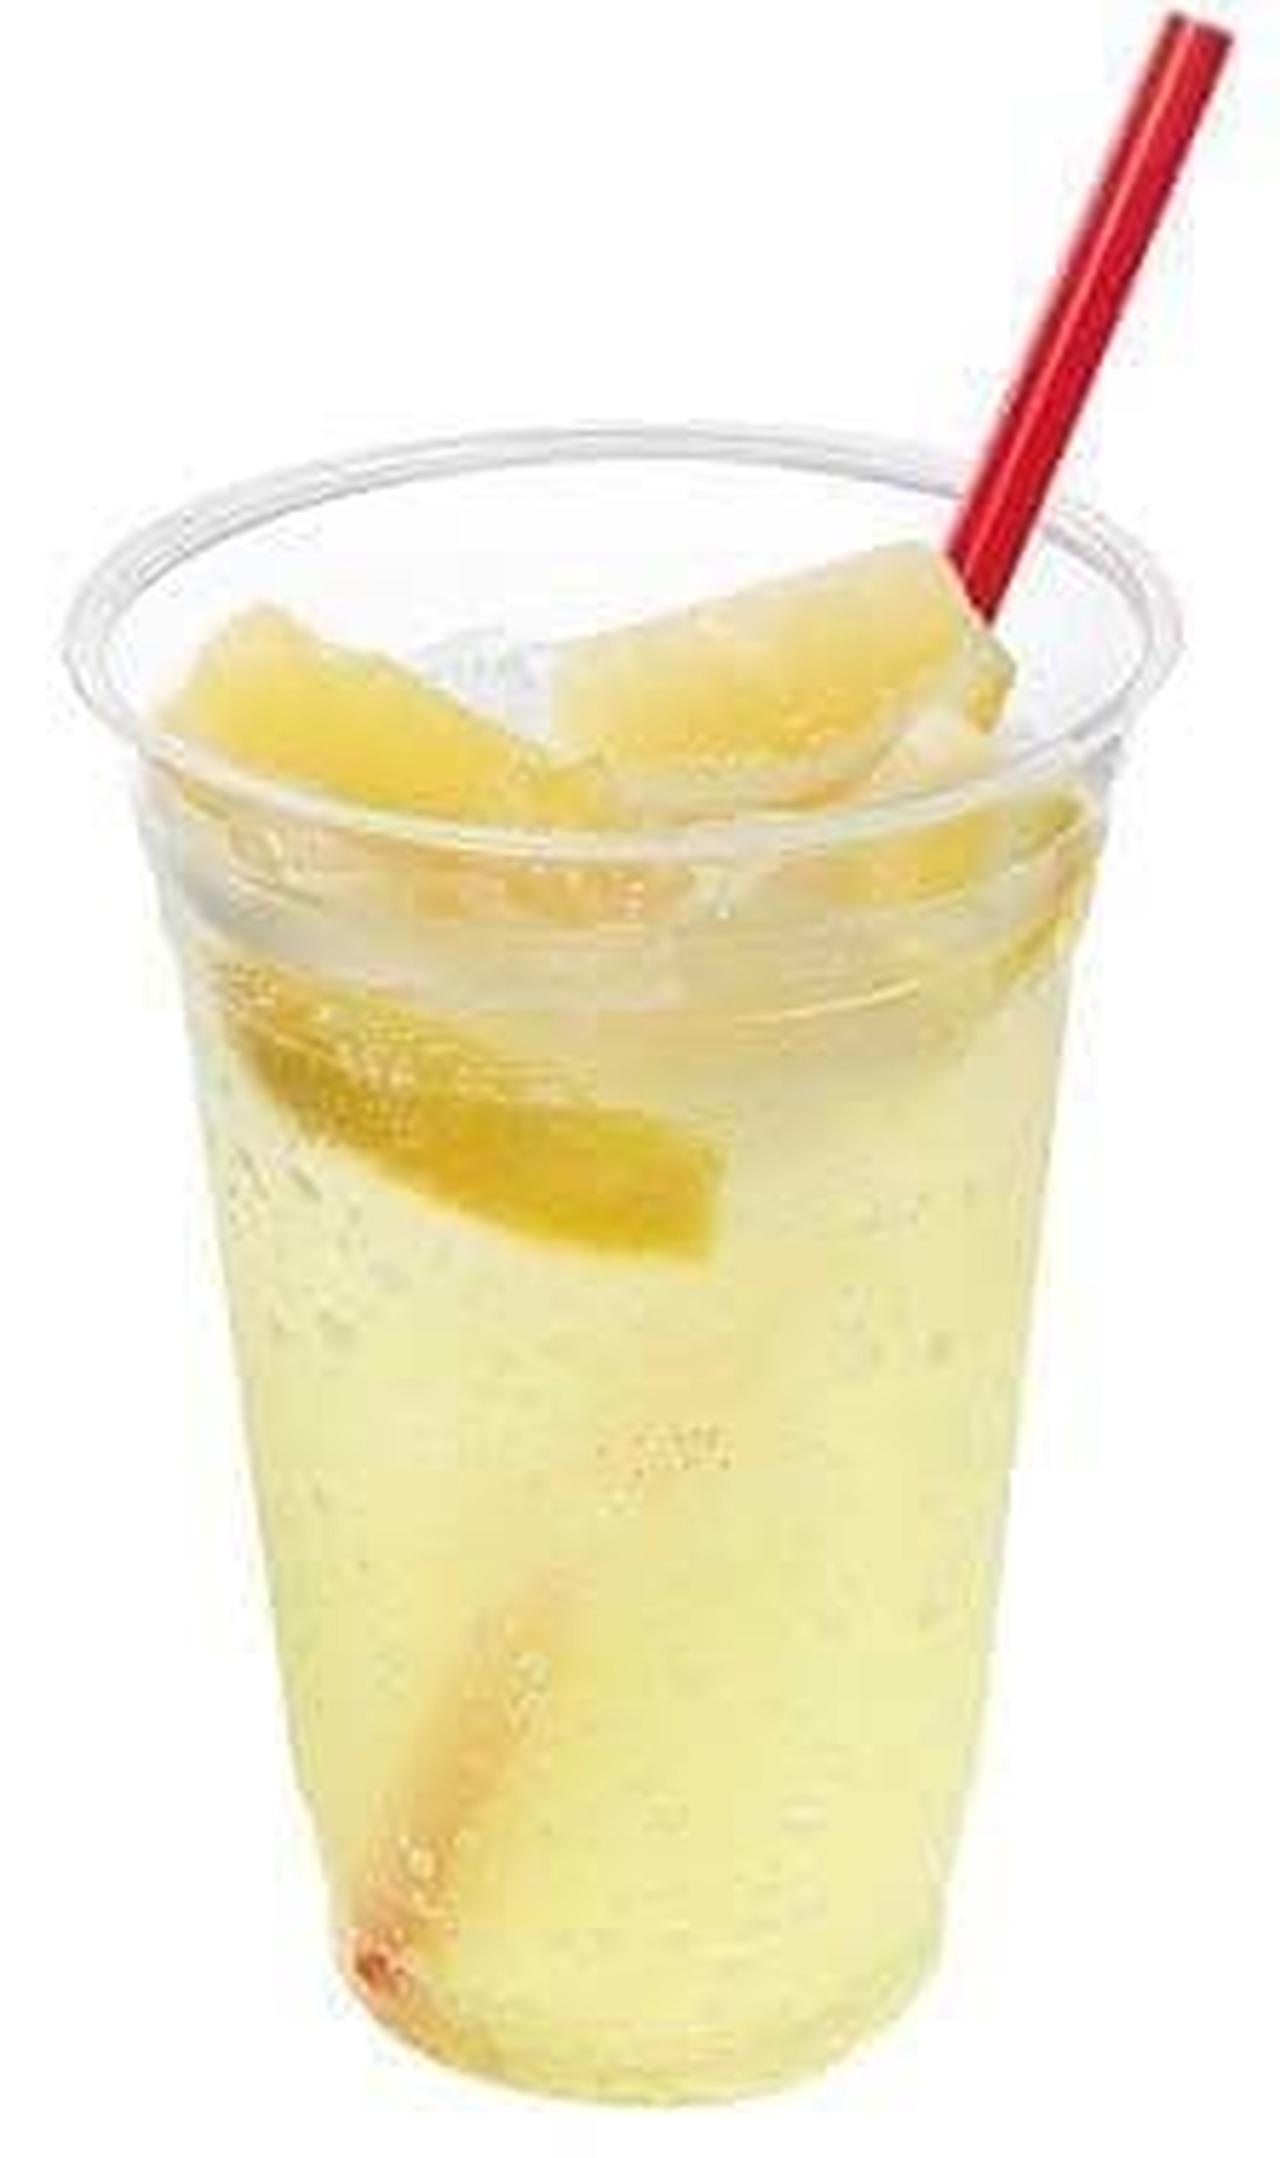 ロッテリア「メガ生しぼりレモンのC.C.レモン」